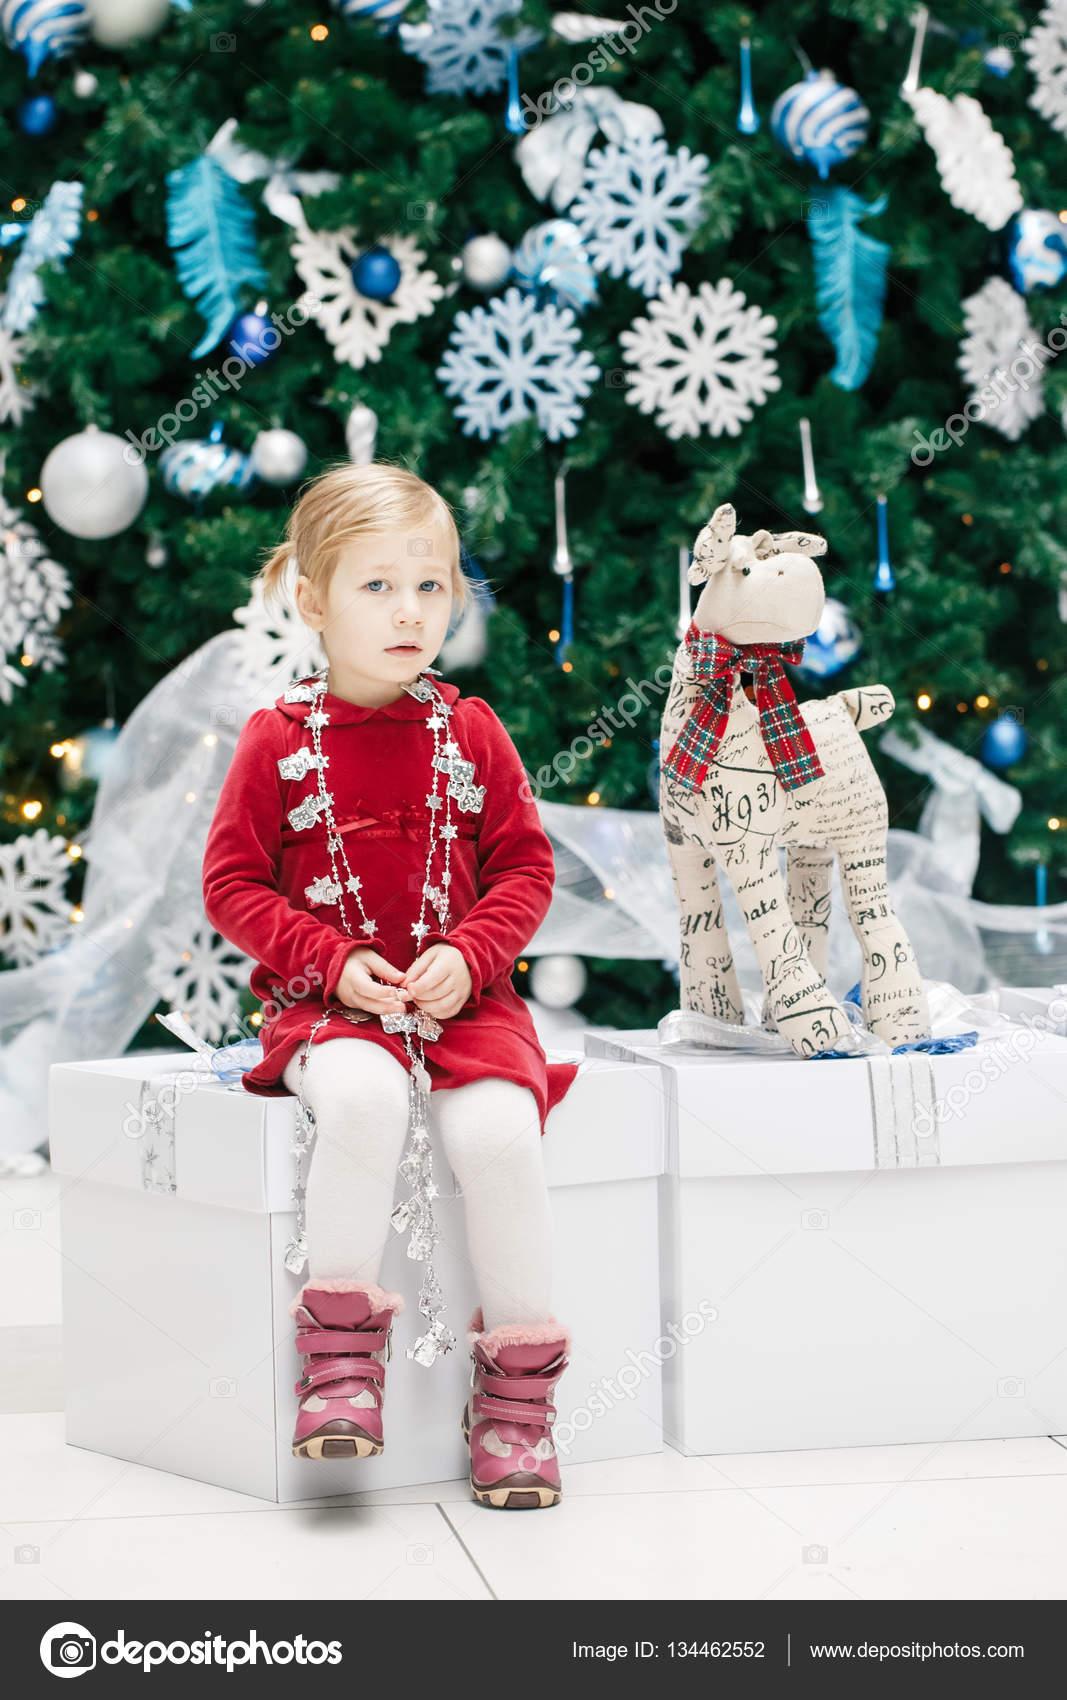 0cb55854a126 Porträtt av blondin kaukasiska baby flicka småbarn med blå ögon i röd  klänning sitter vid nyår